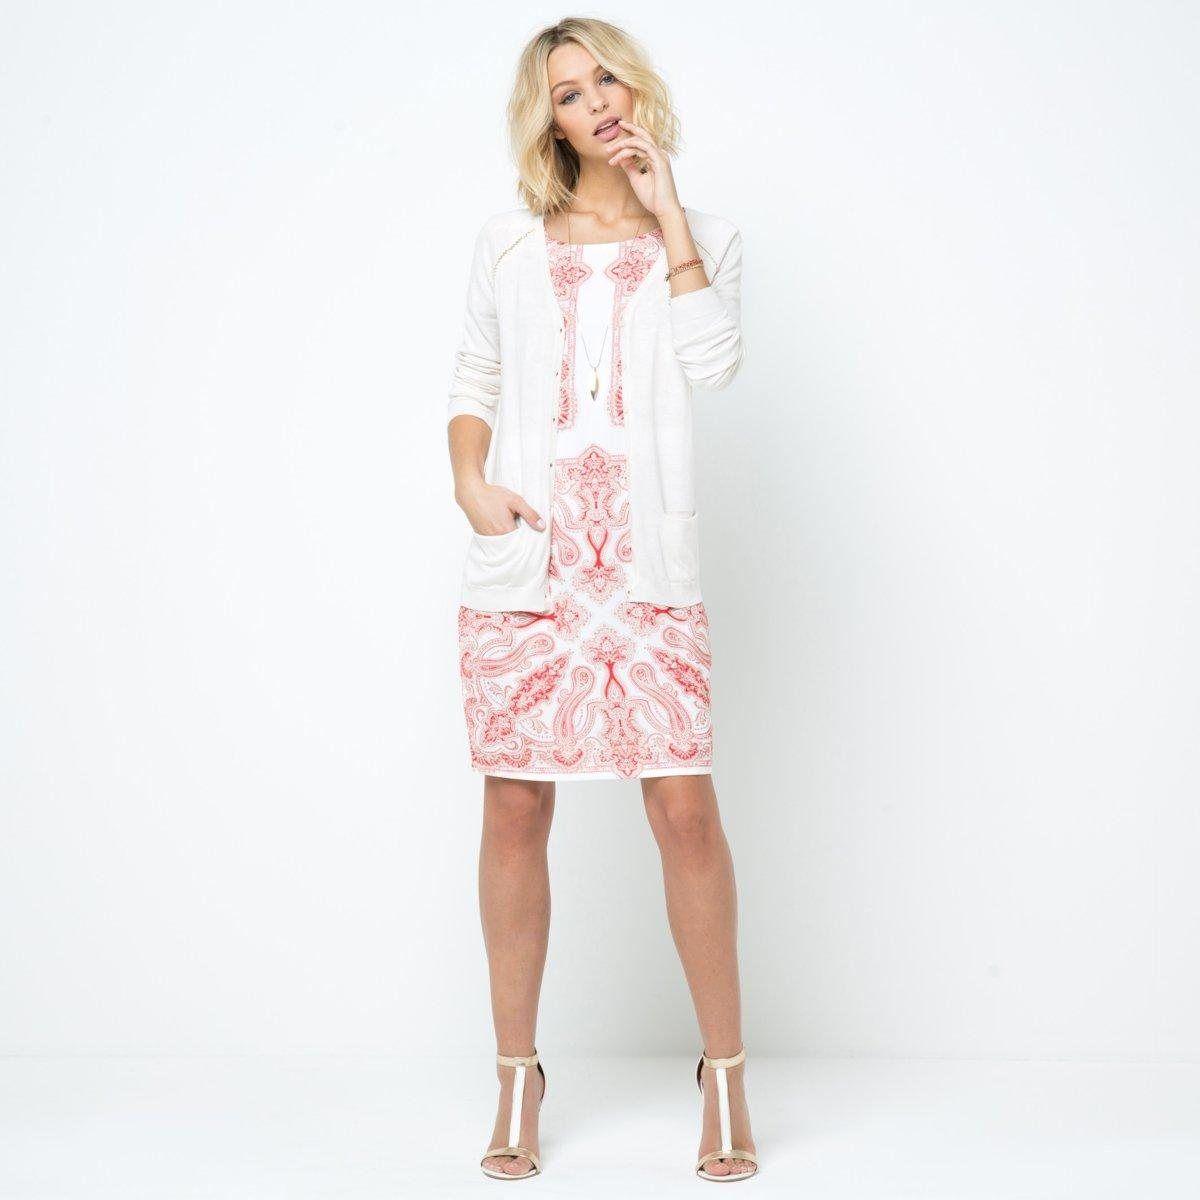 c68f383a7c3a Robe-housse imprimé foulard Laura Clement   La Redoute   style me by ...